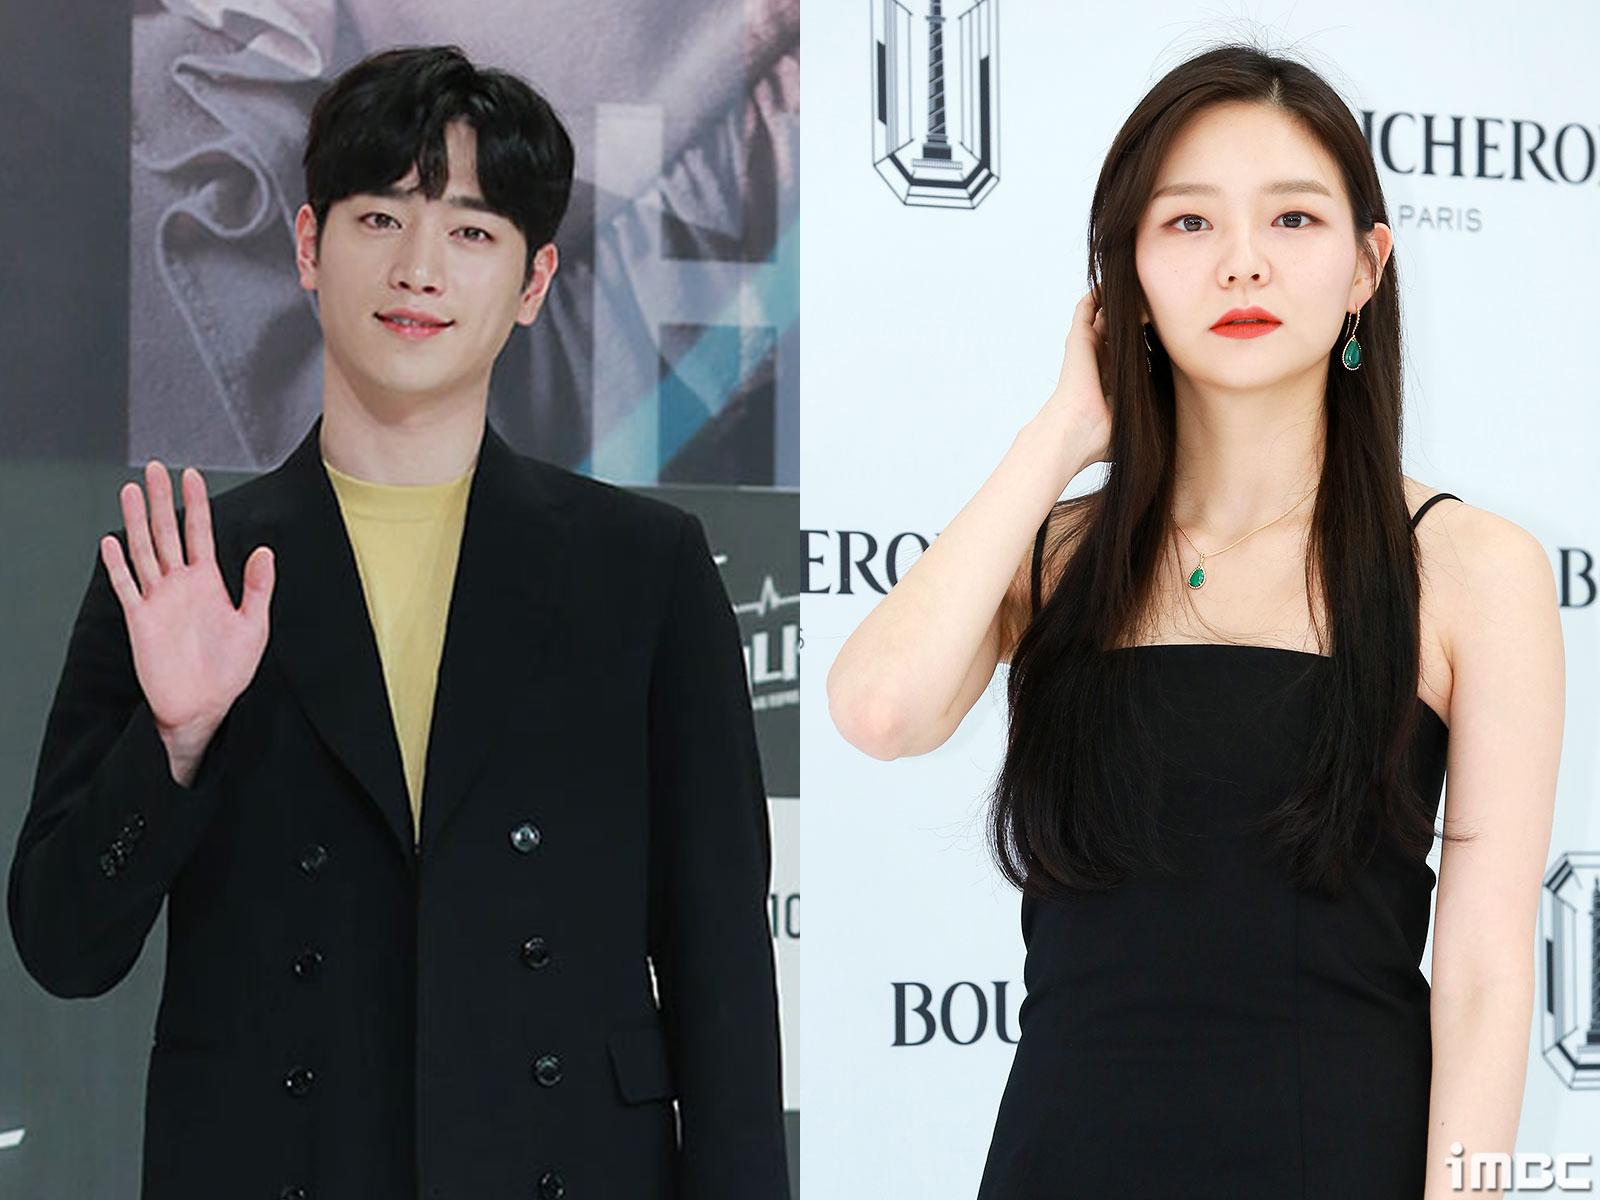 서강준X이솜, '제3의 매력' 캐스팅 확정! '동갑내기 커플' 호흡